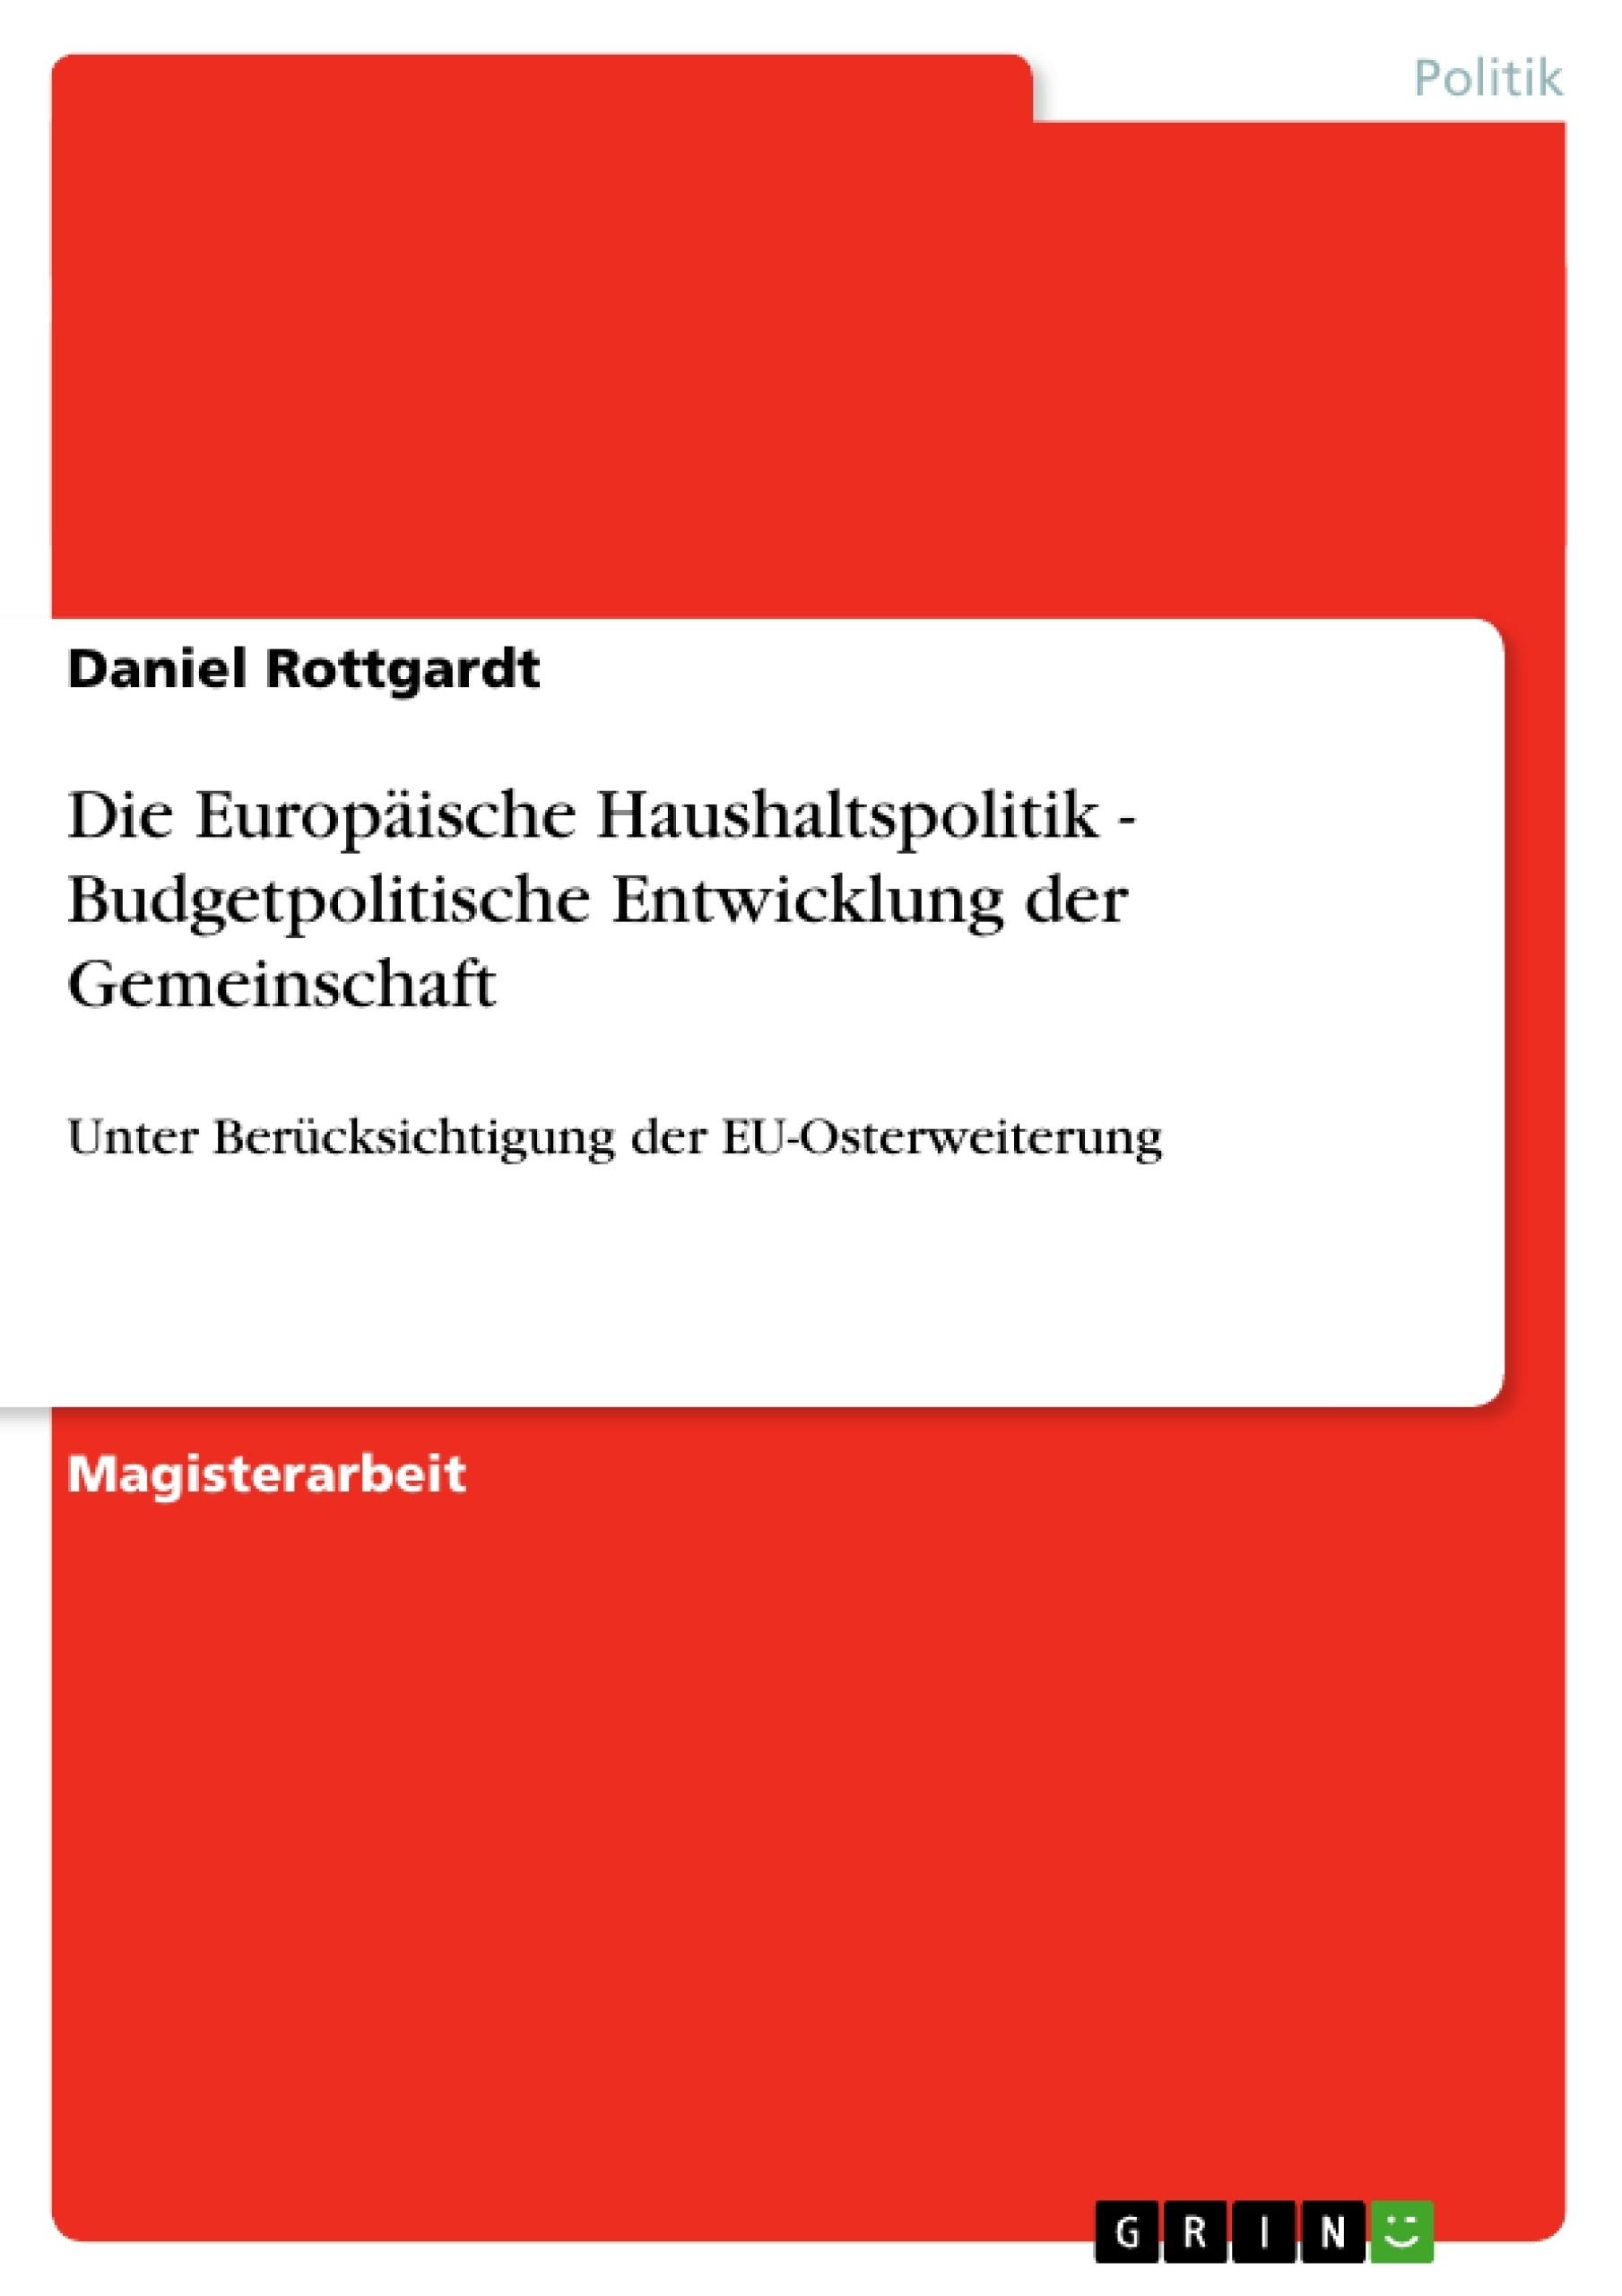 Titel: Die Europäische Haushaltspolitik - Budgetpolitische Entwicklung der Gemeinschaft